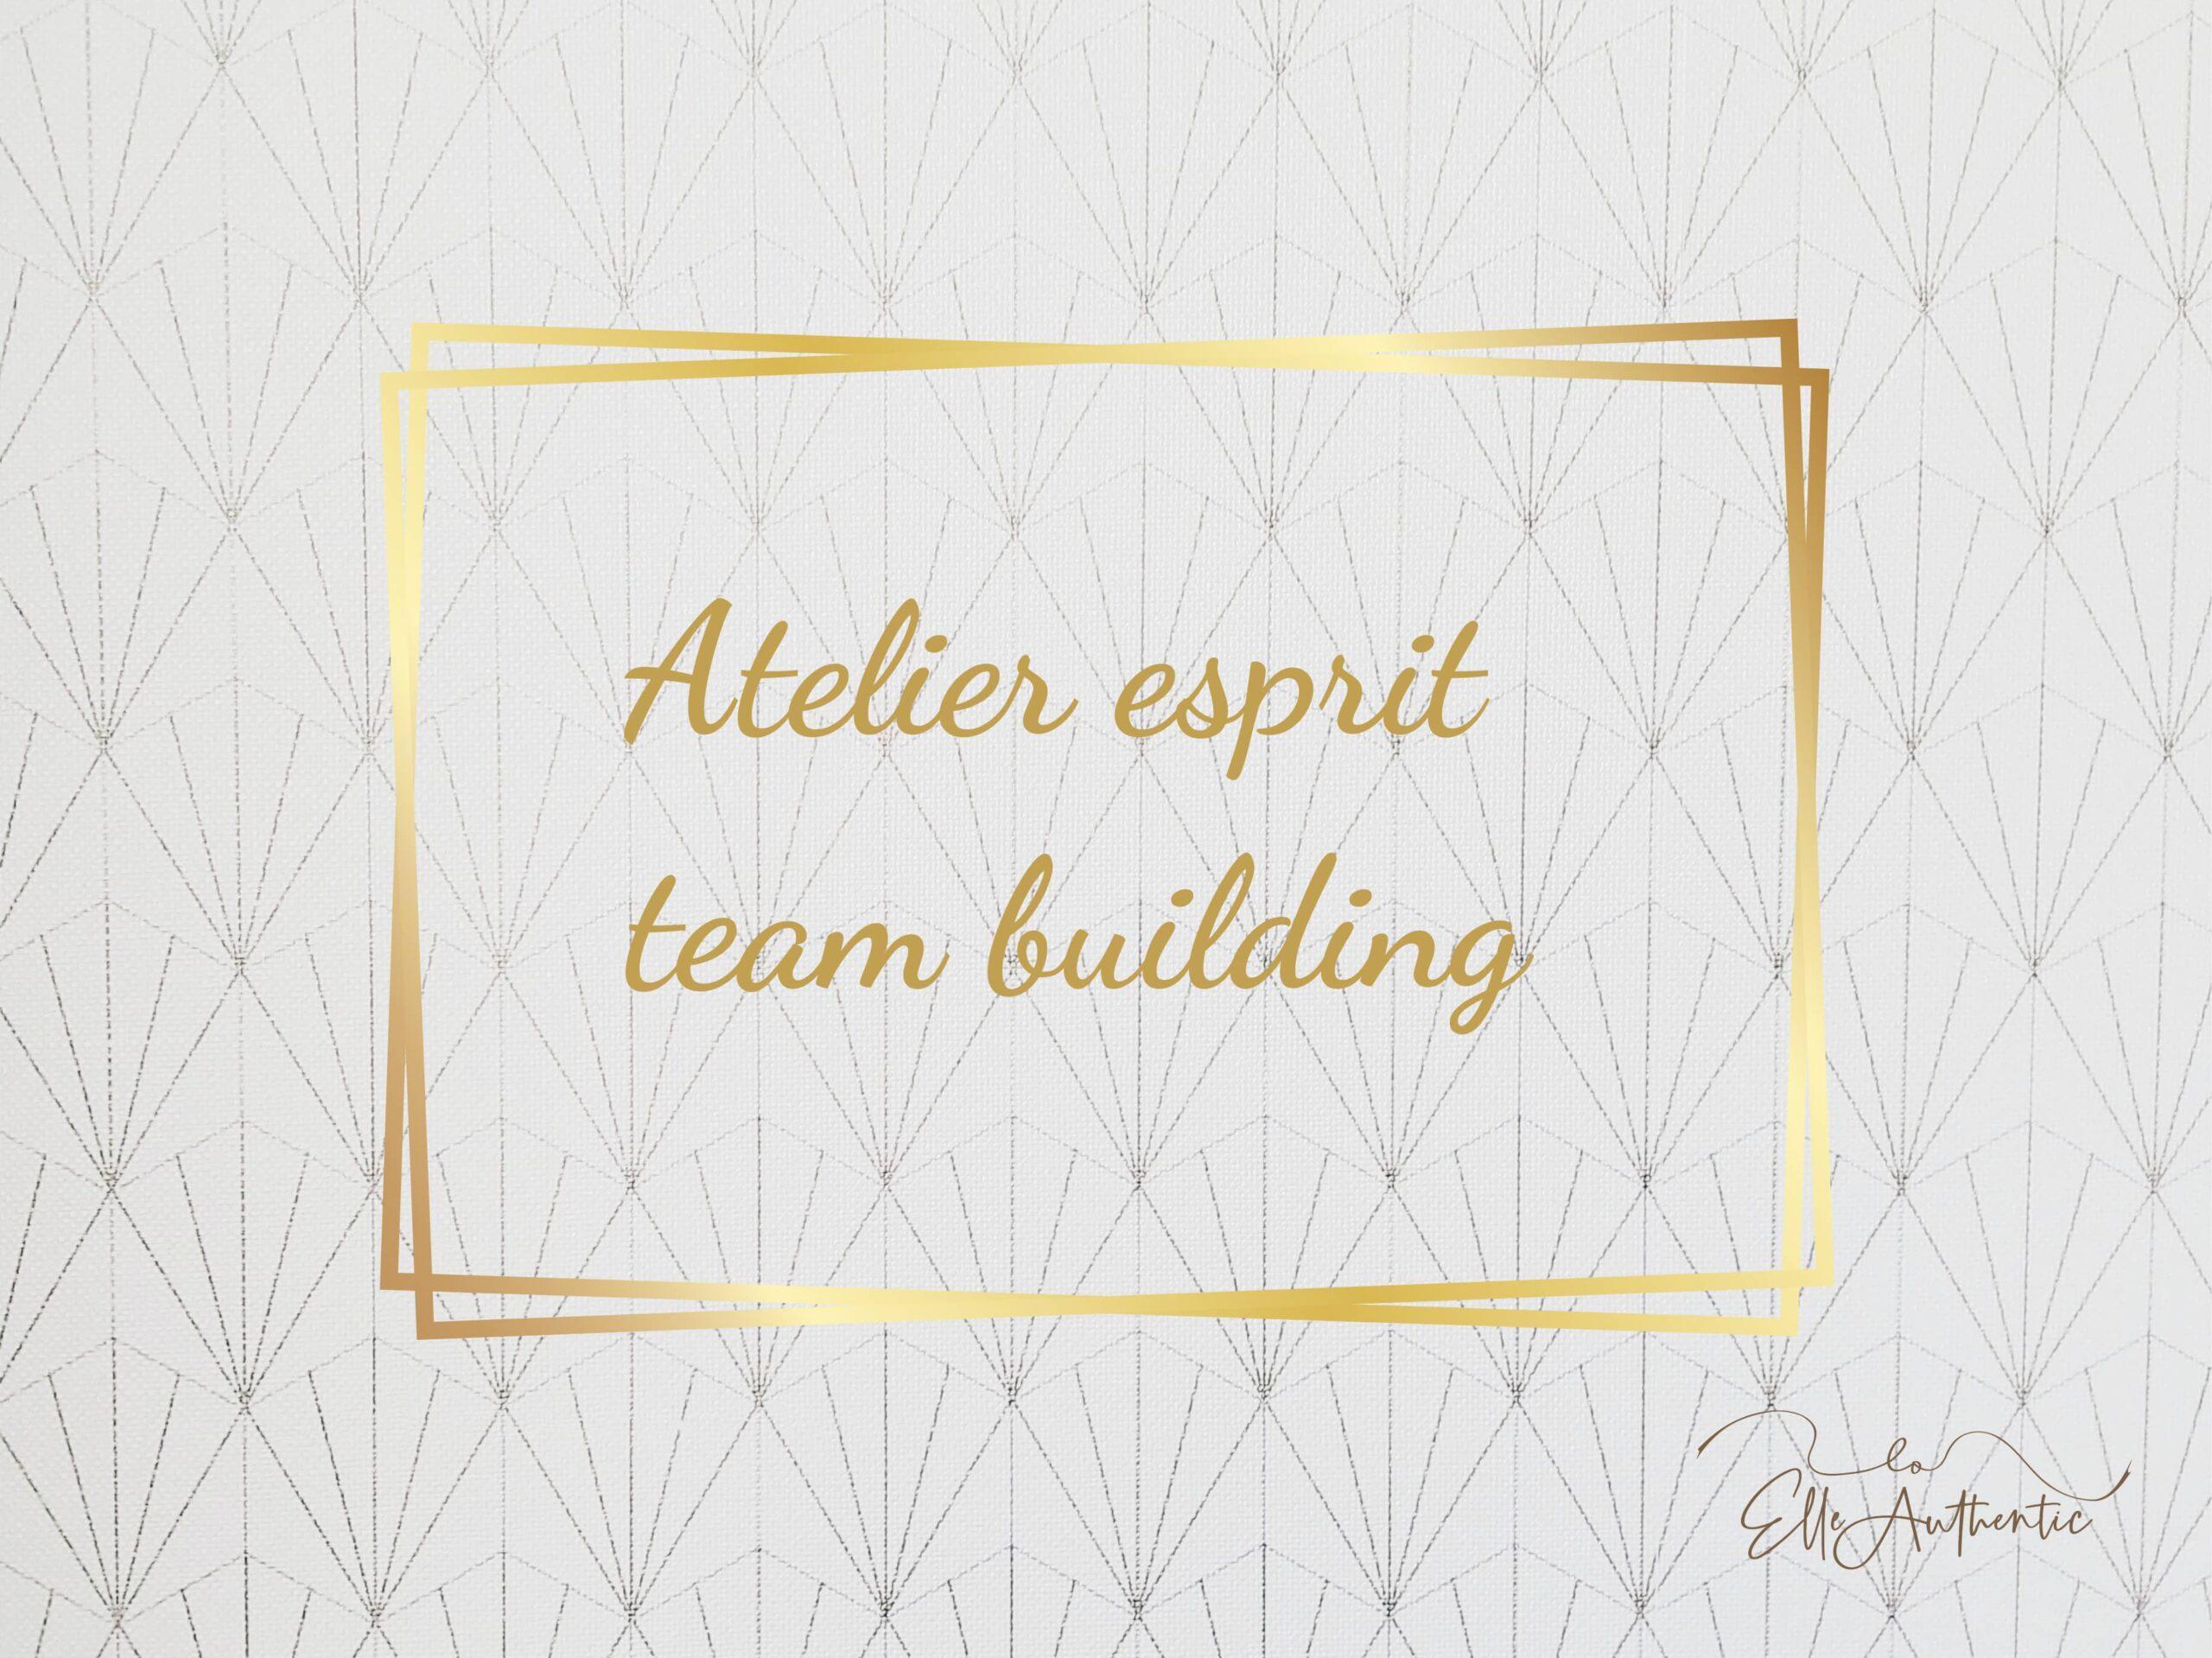 Atelier esprit team building